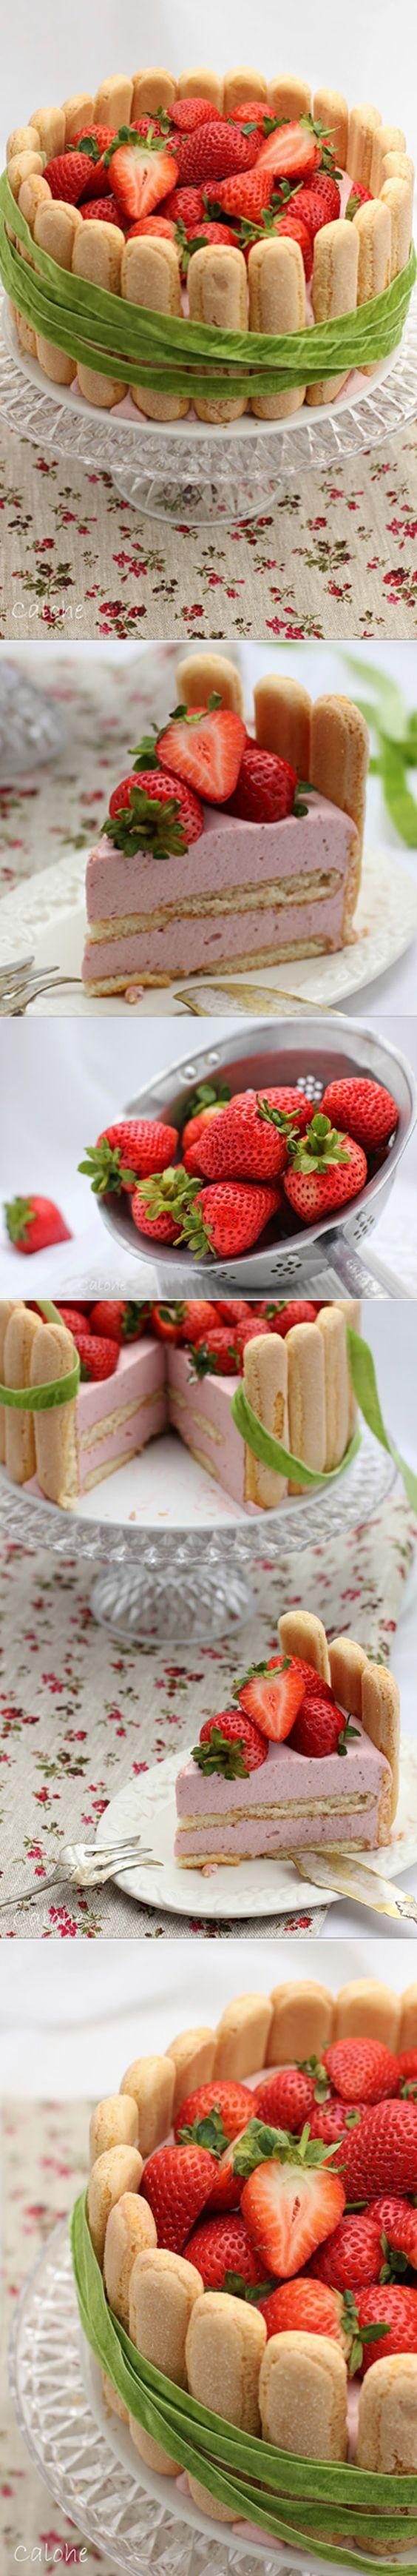 Carlota de fresas / http://laslibretasdecalohe.blogspot.com.es/